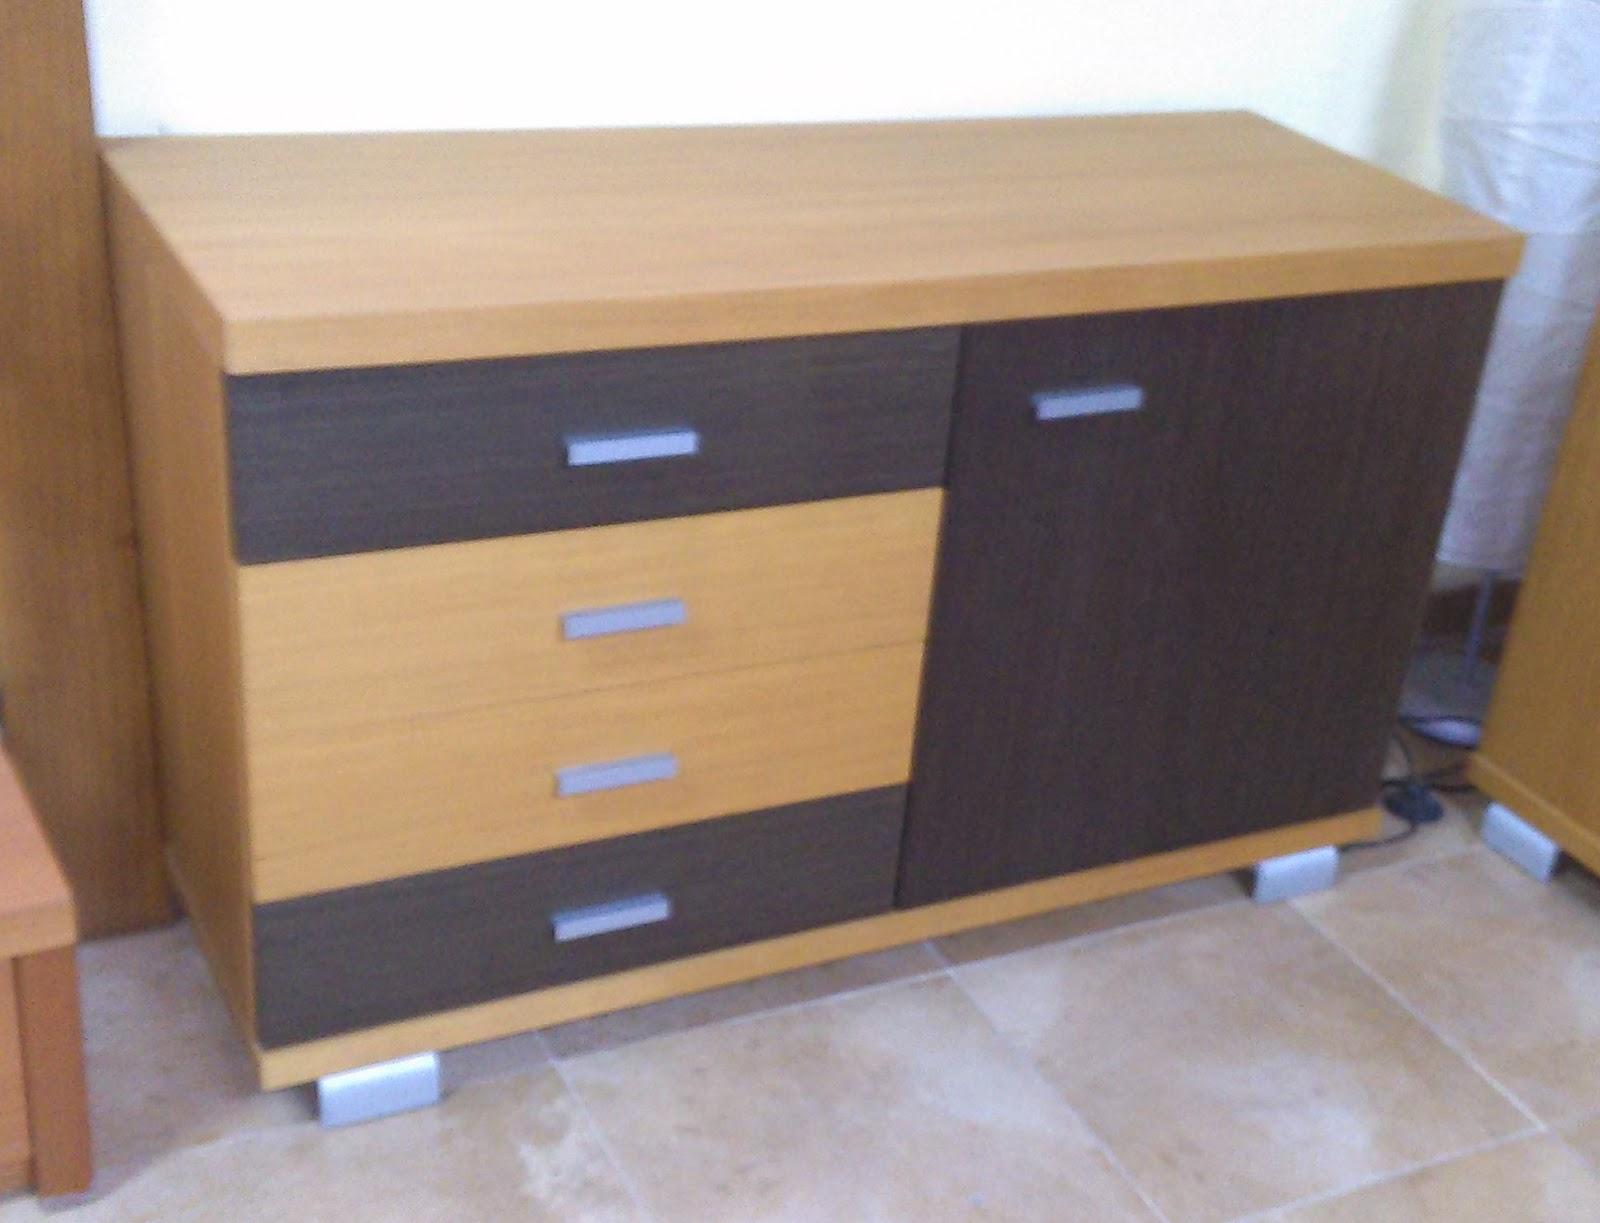 Muebles arcecoll aparador de chapa - Muebles de chapa ...